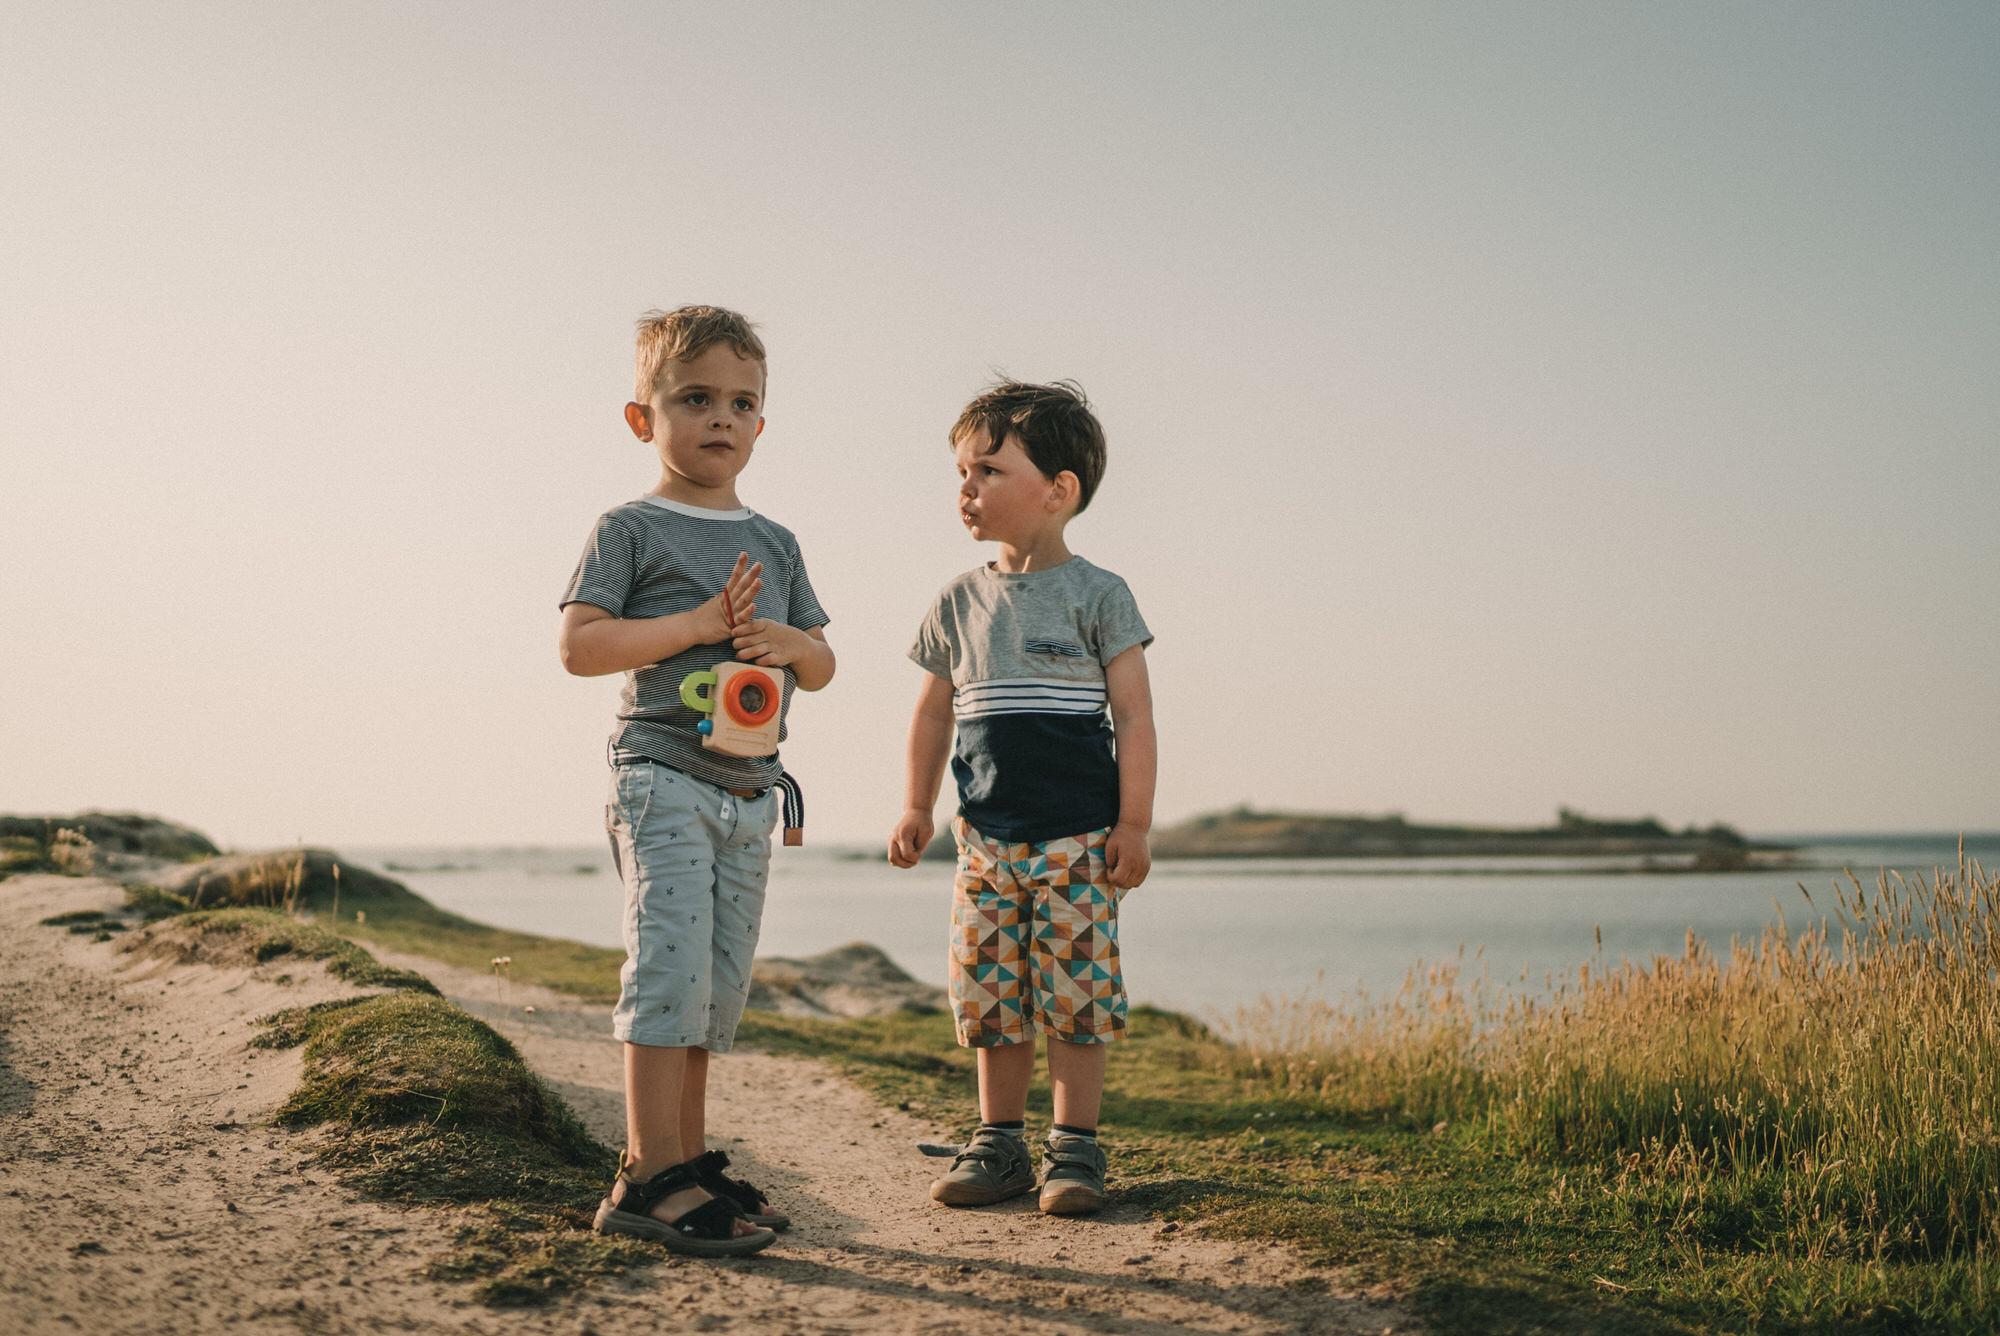 2021.07.20 Photo De Famille A Porspoder En Bretagne Par Antoine Borzeix 38, Photographe & Videaste à Brest / Finistère